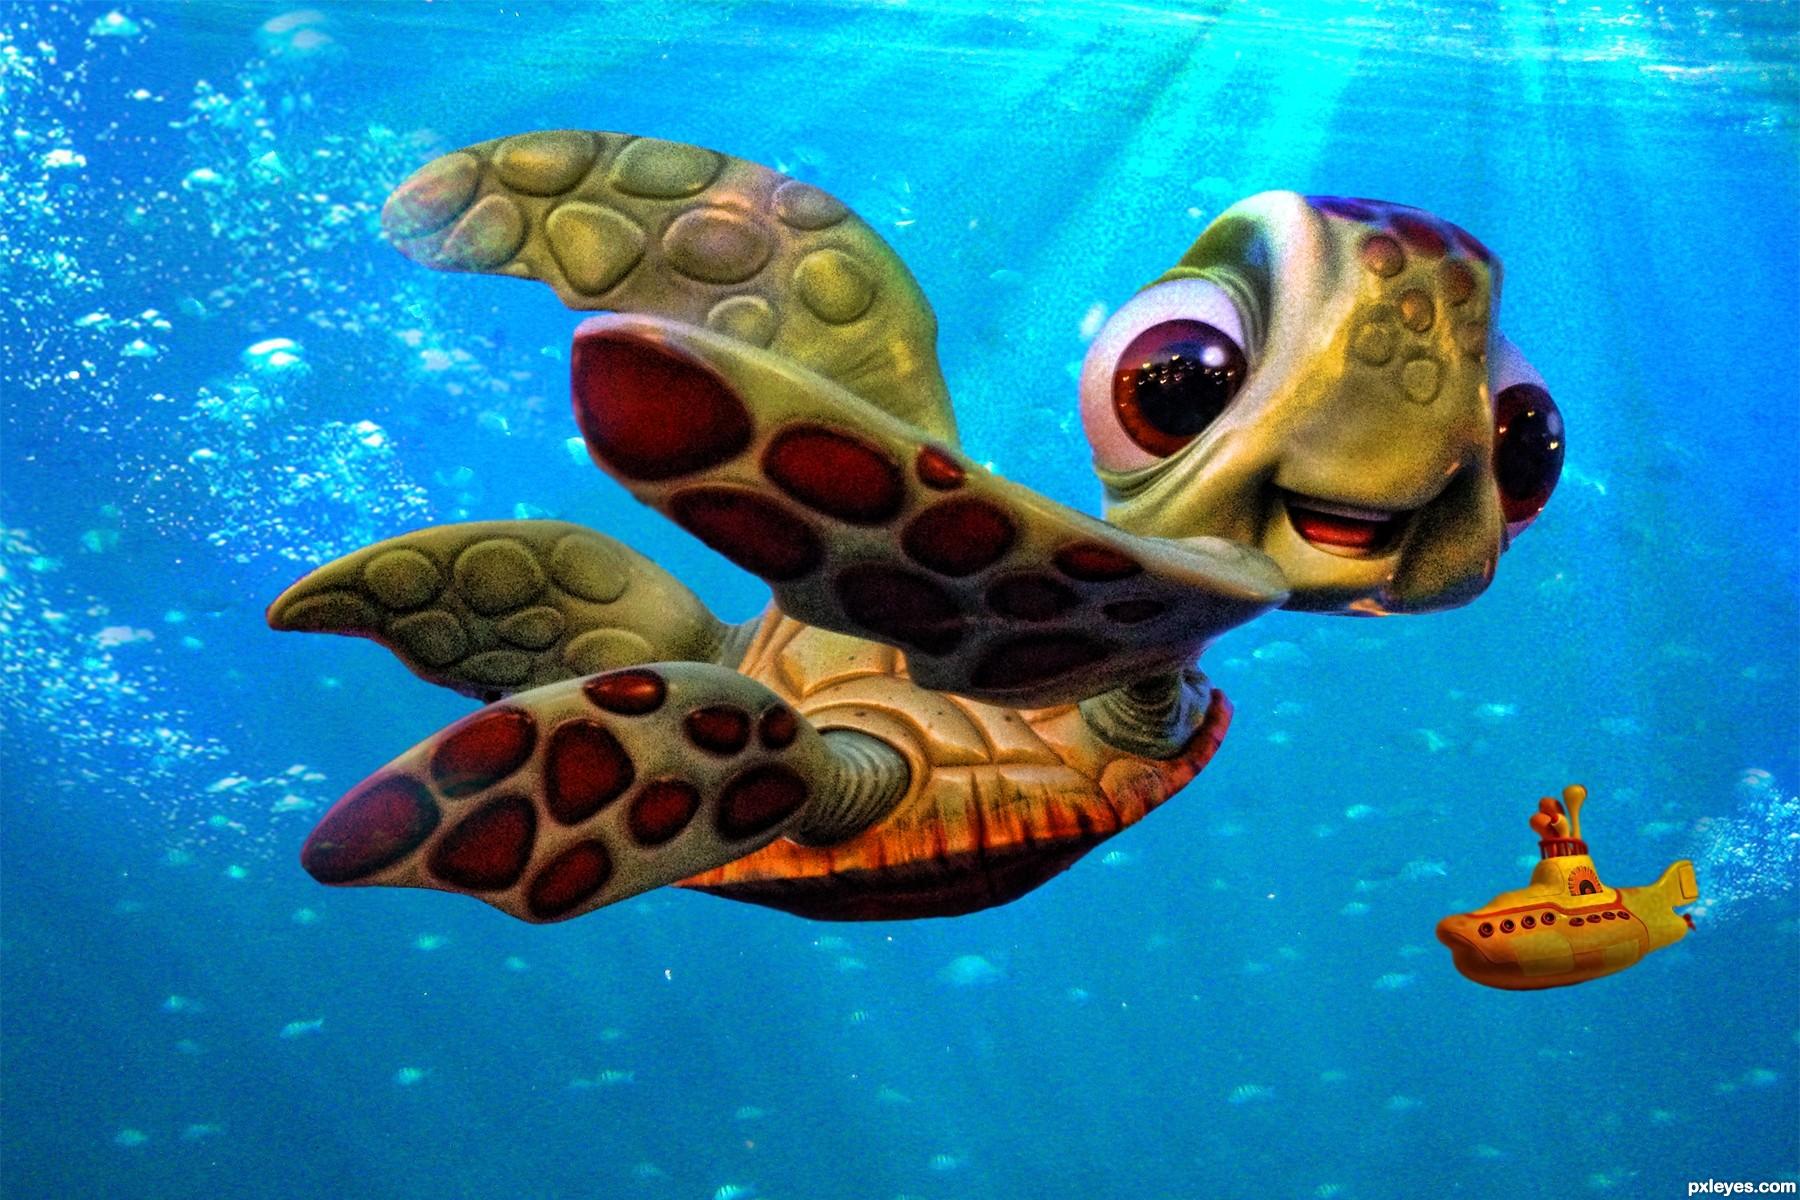 Ocean Waves Iphone Wallpaper Baby Turtle Cartoon Nemo